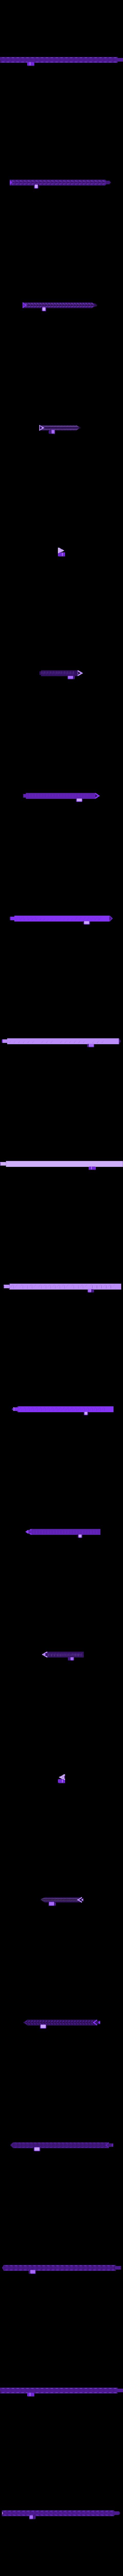 boom_02.stl Télécharger fichier STL gratuit Voyageur • Modèle imprimable en 3D, spac3D